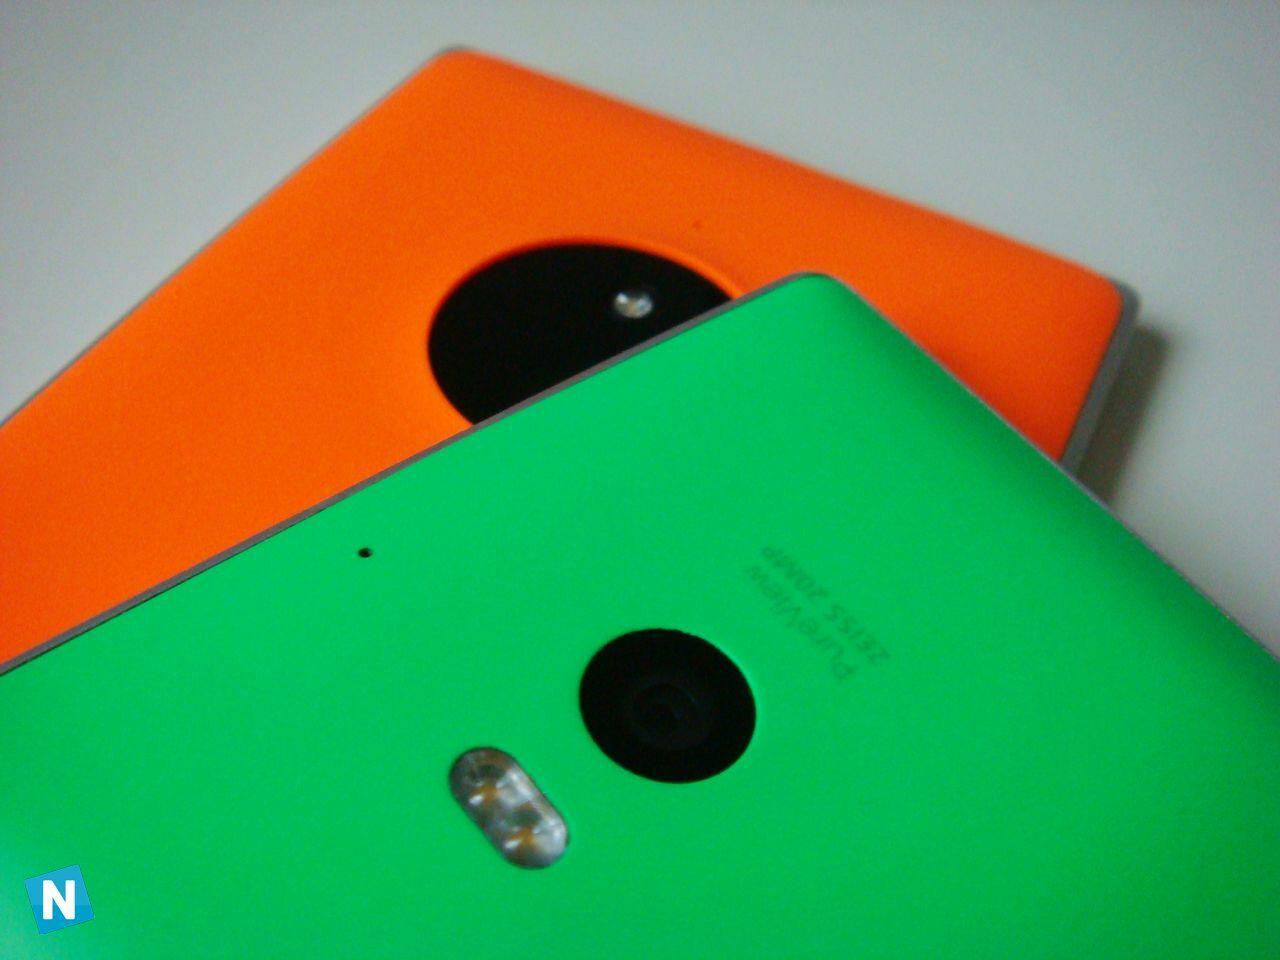 Sondage : Quelle couleur aimeriez vous voir à nouveau sur la gamme Lumia ?